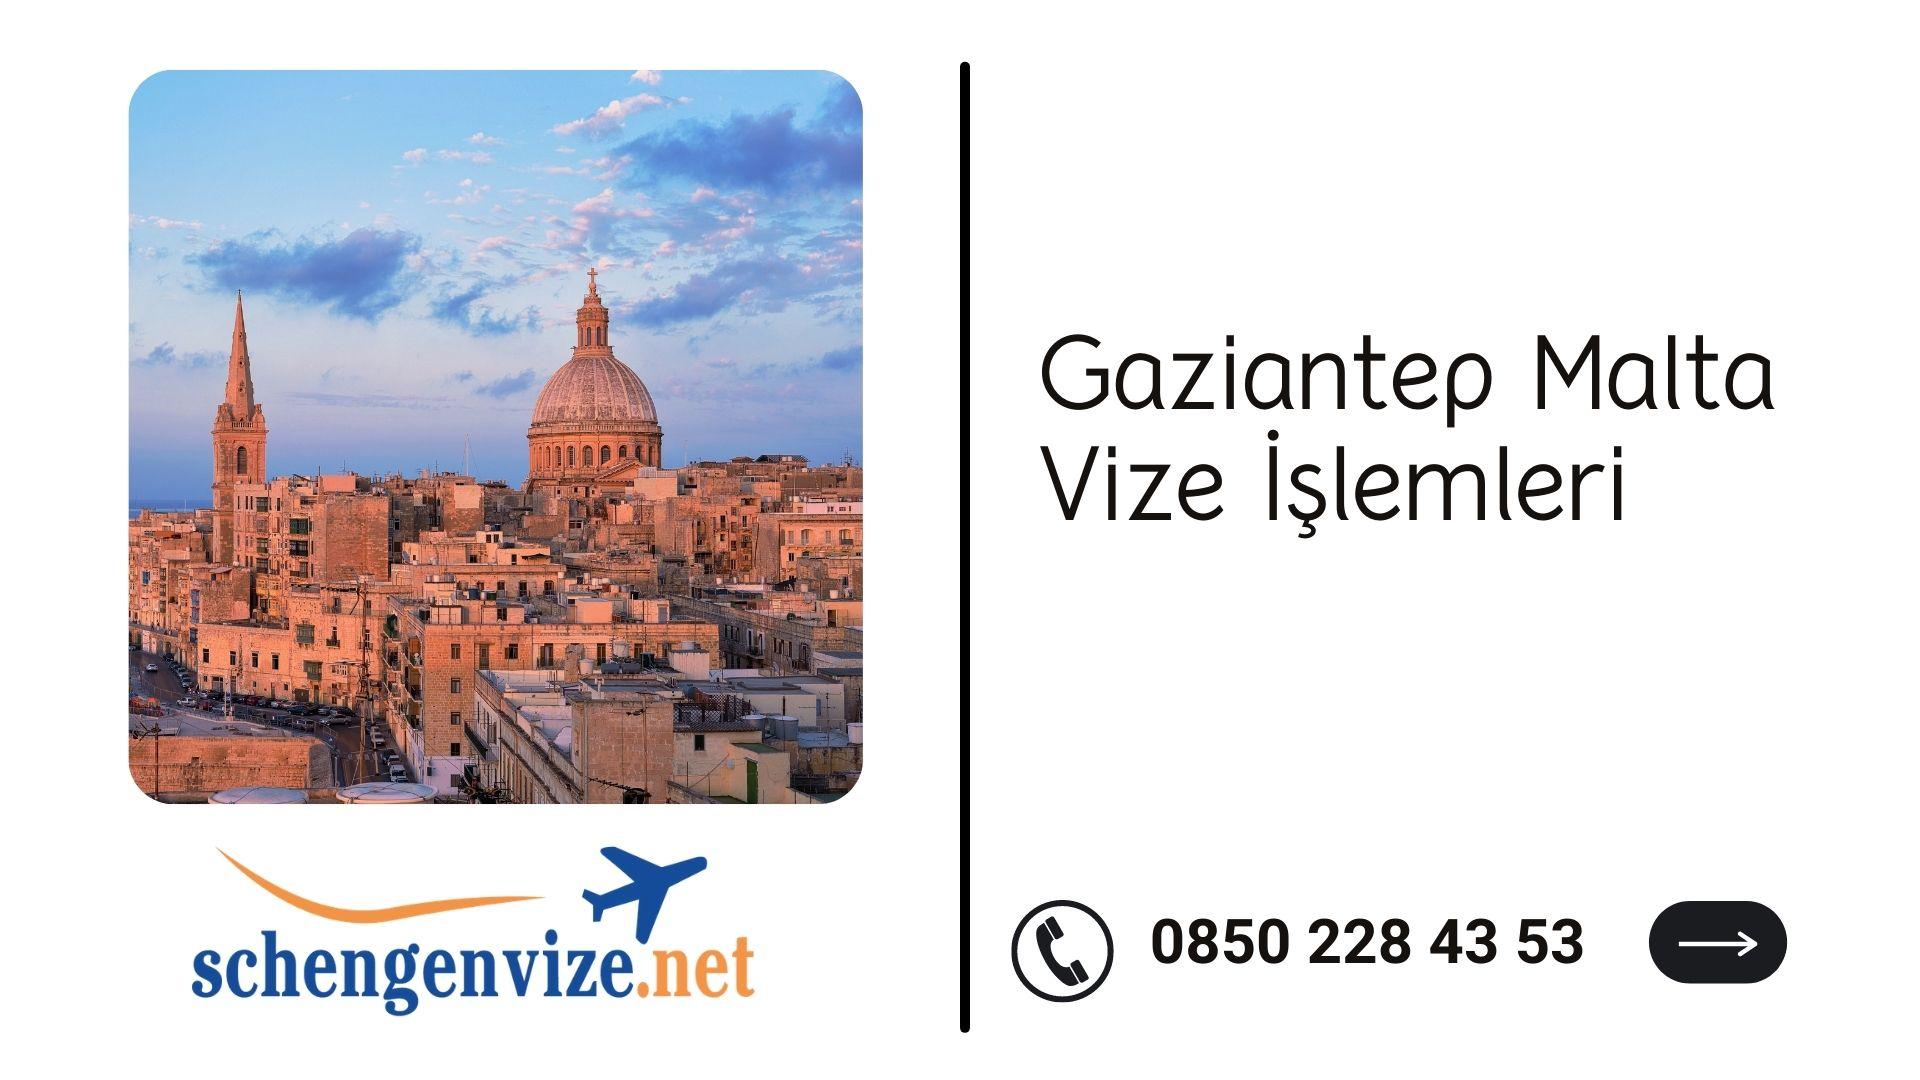 Gaziantep Malta Vize İşlemleri